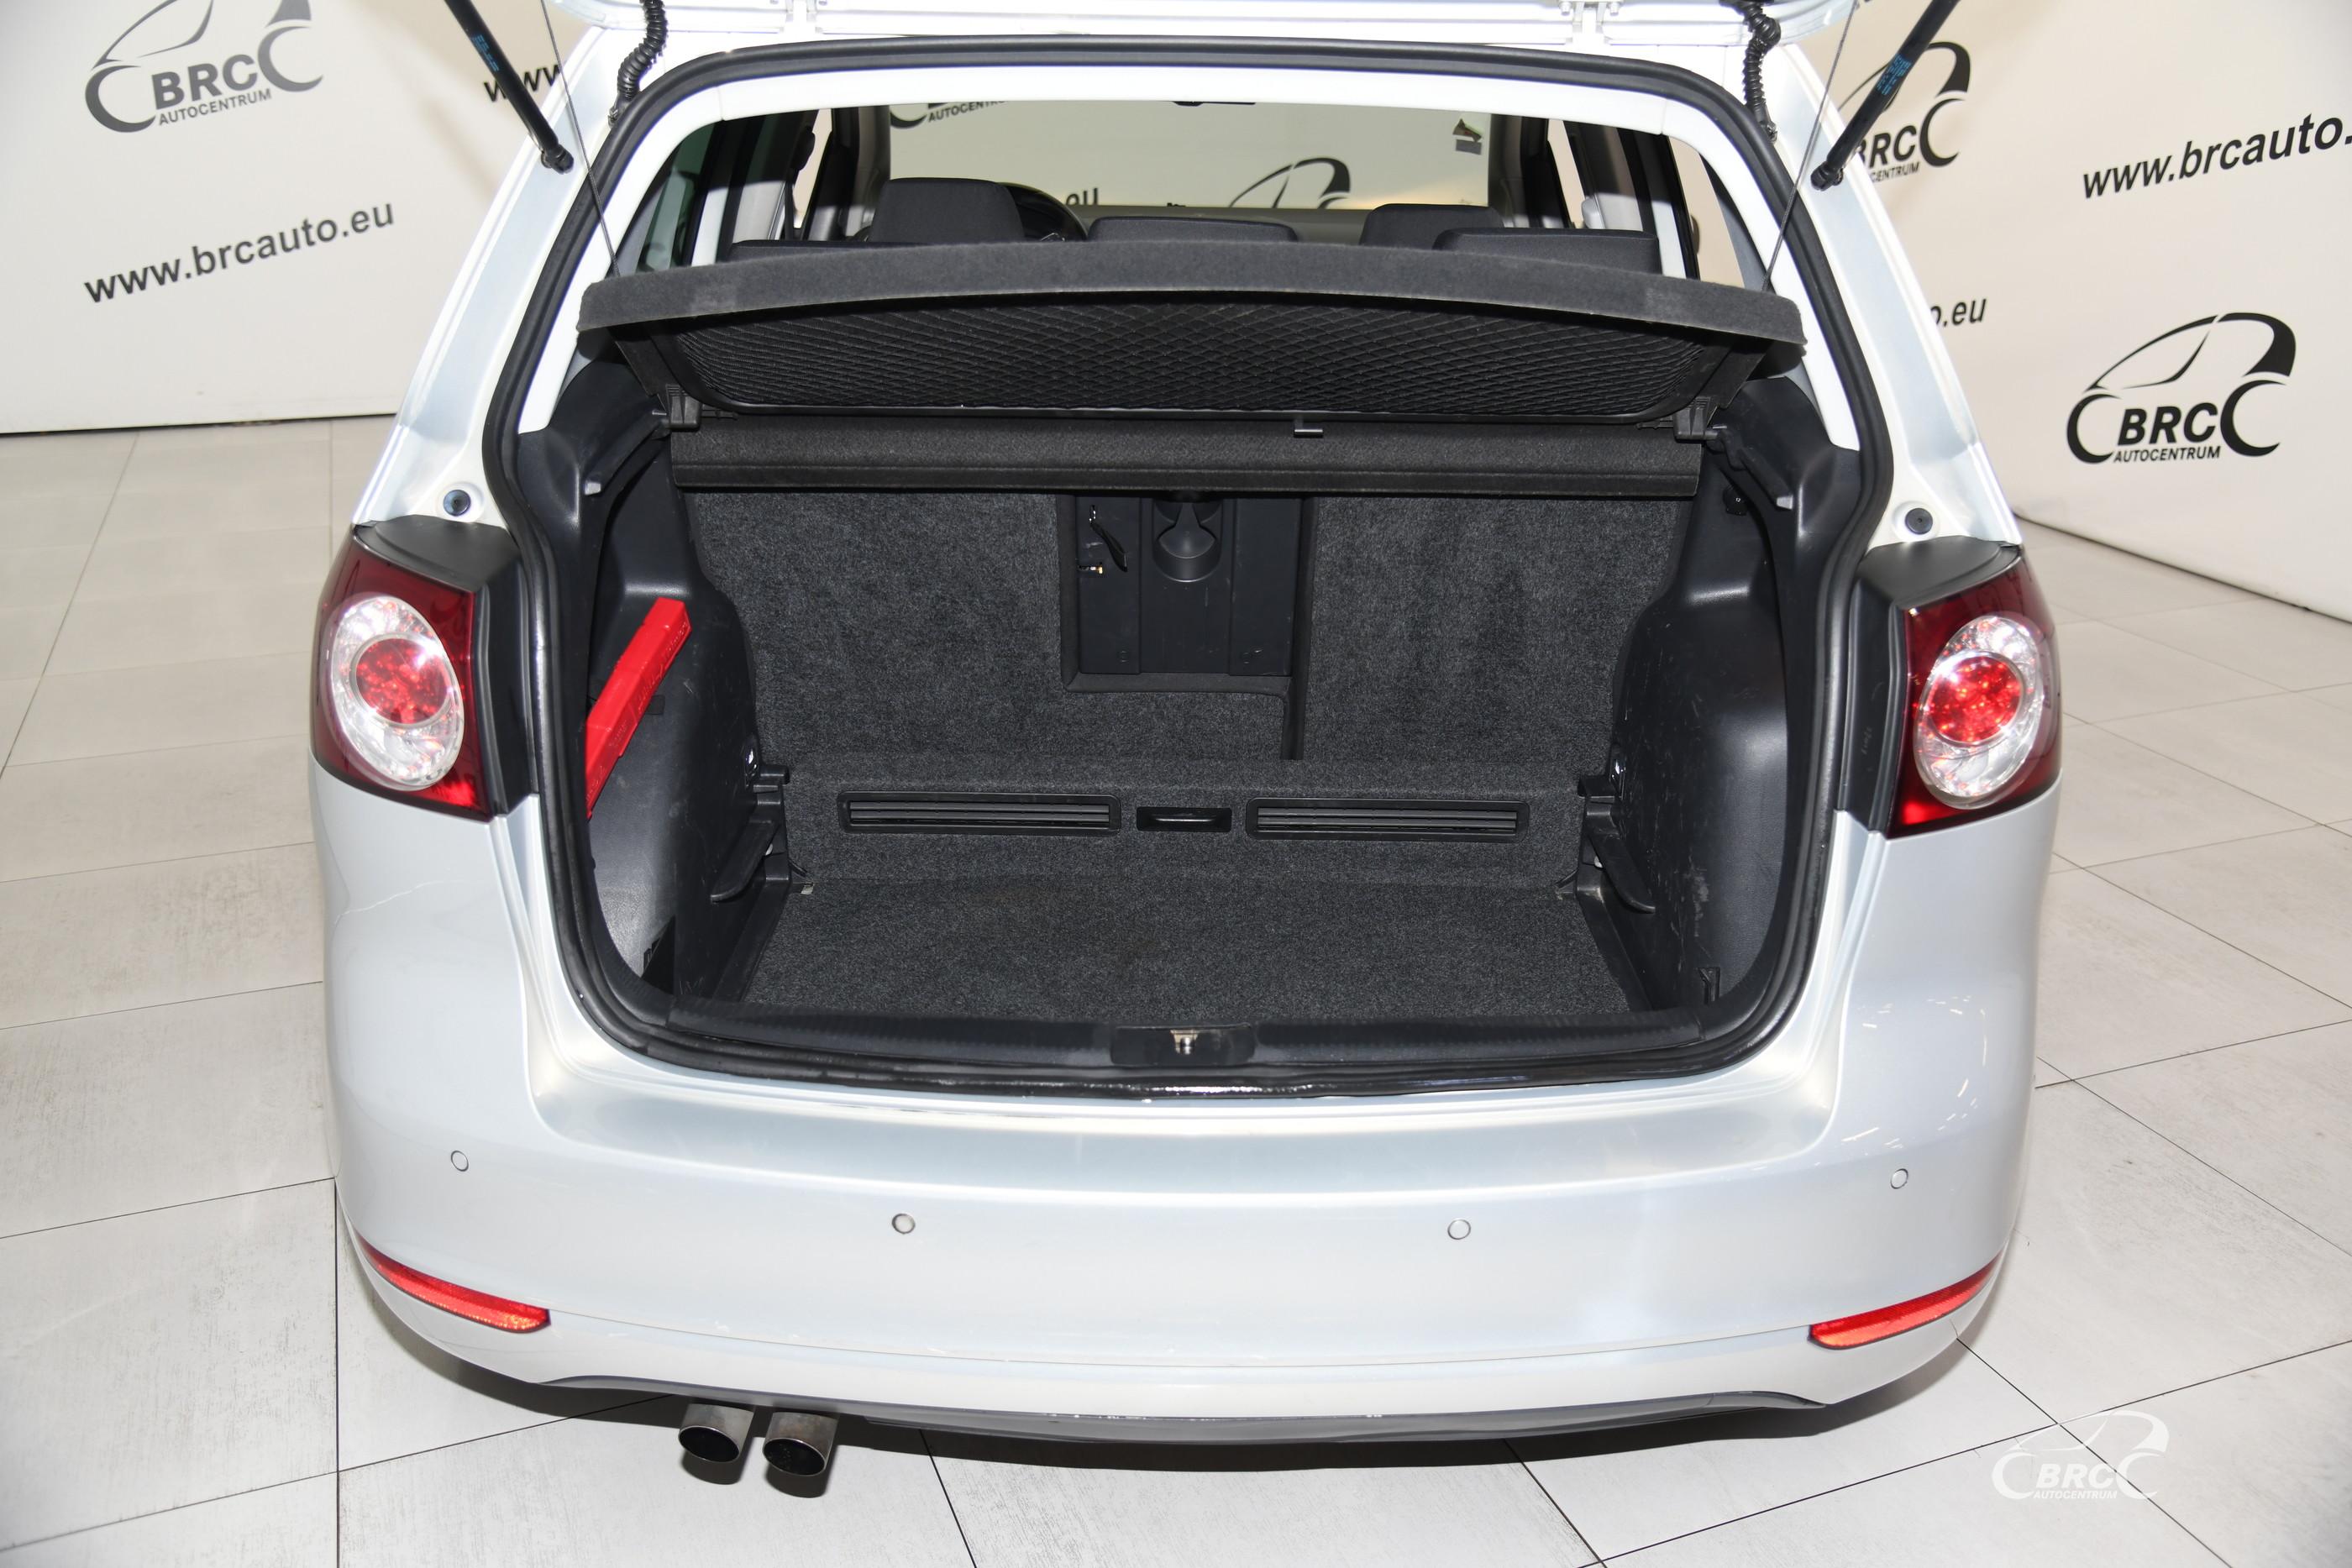 Volkswagen Golf Plus 2.0 TDI Automatas